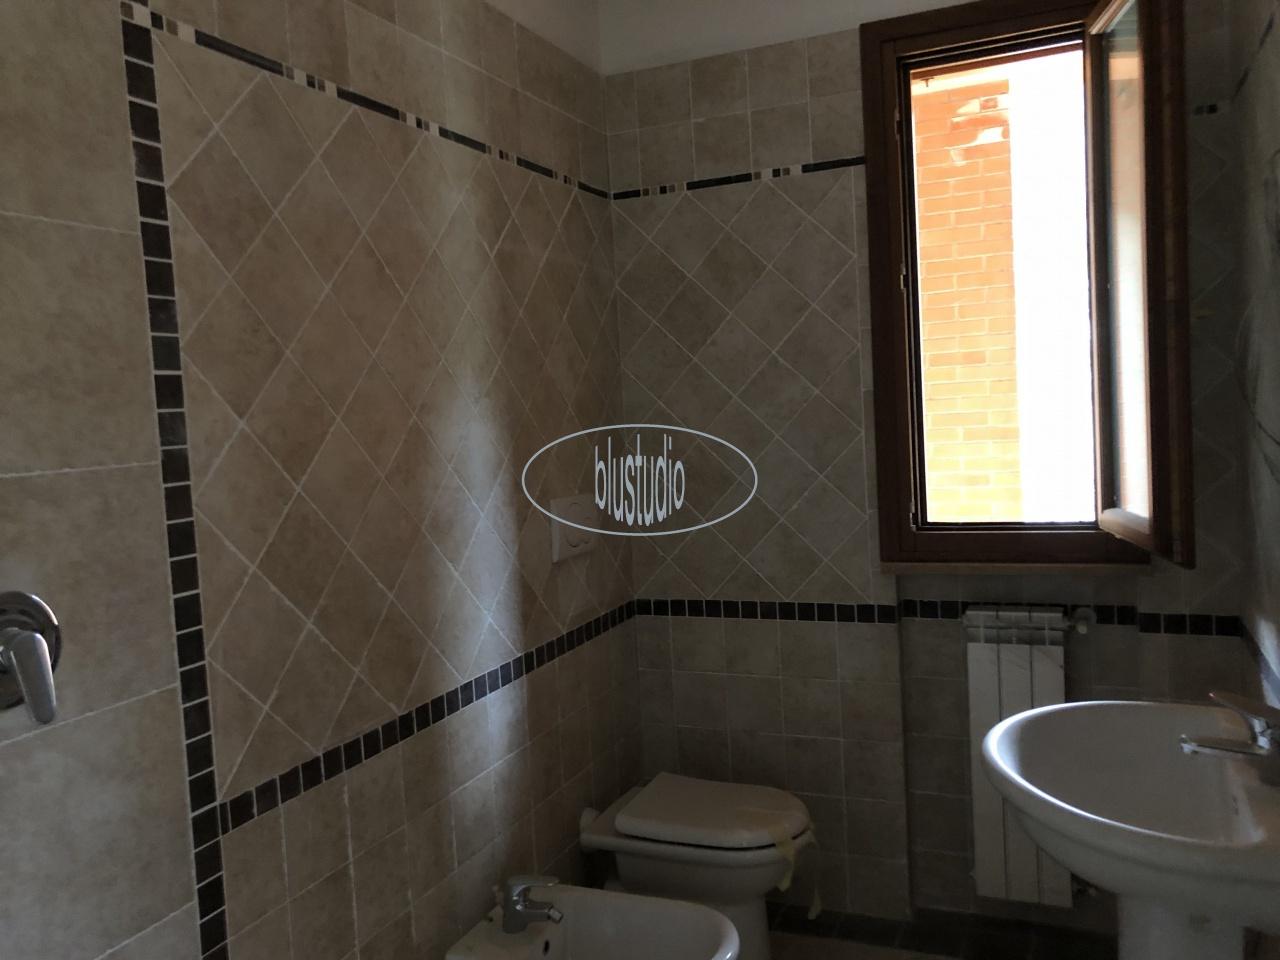 Appartamento in vendita a Figline e Incisa Valdarno, 2 locali, prezzo € 97.500 | PortaleAgenzieImmobiliari.it